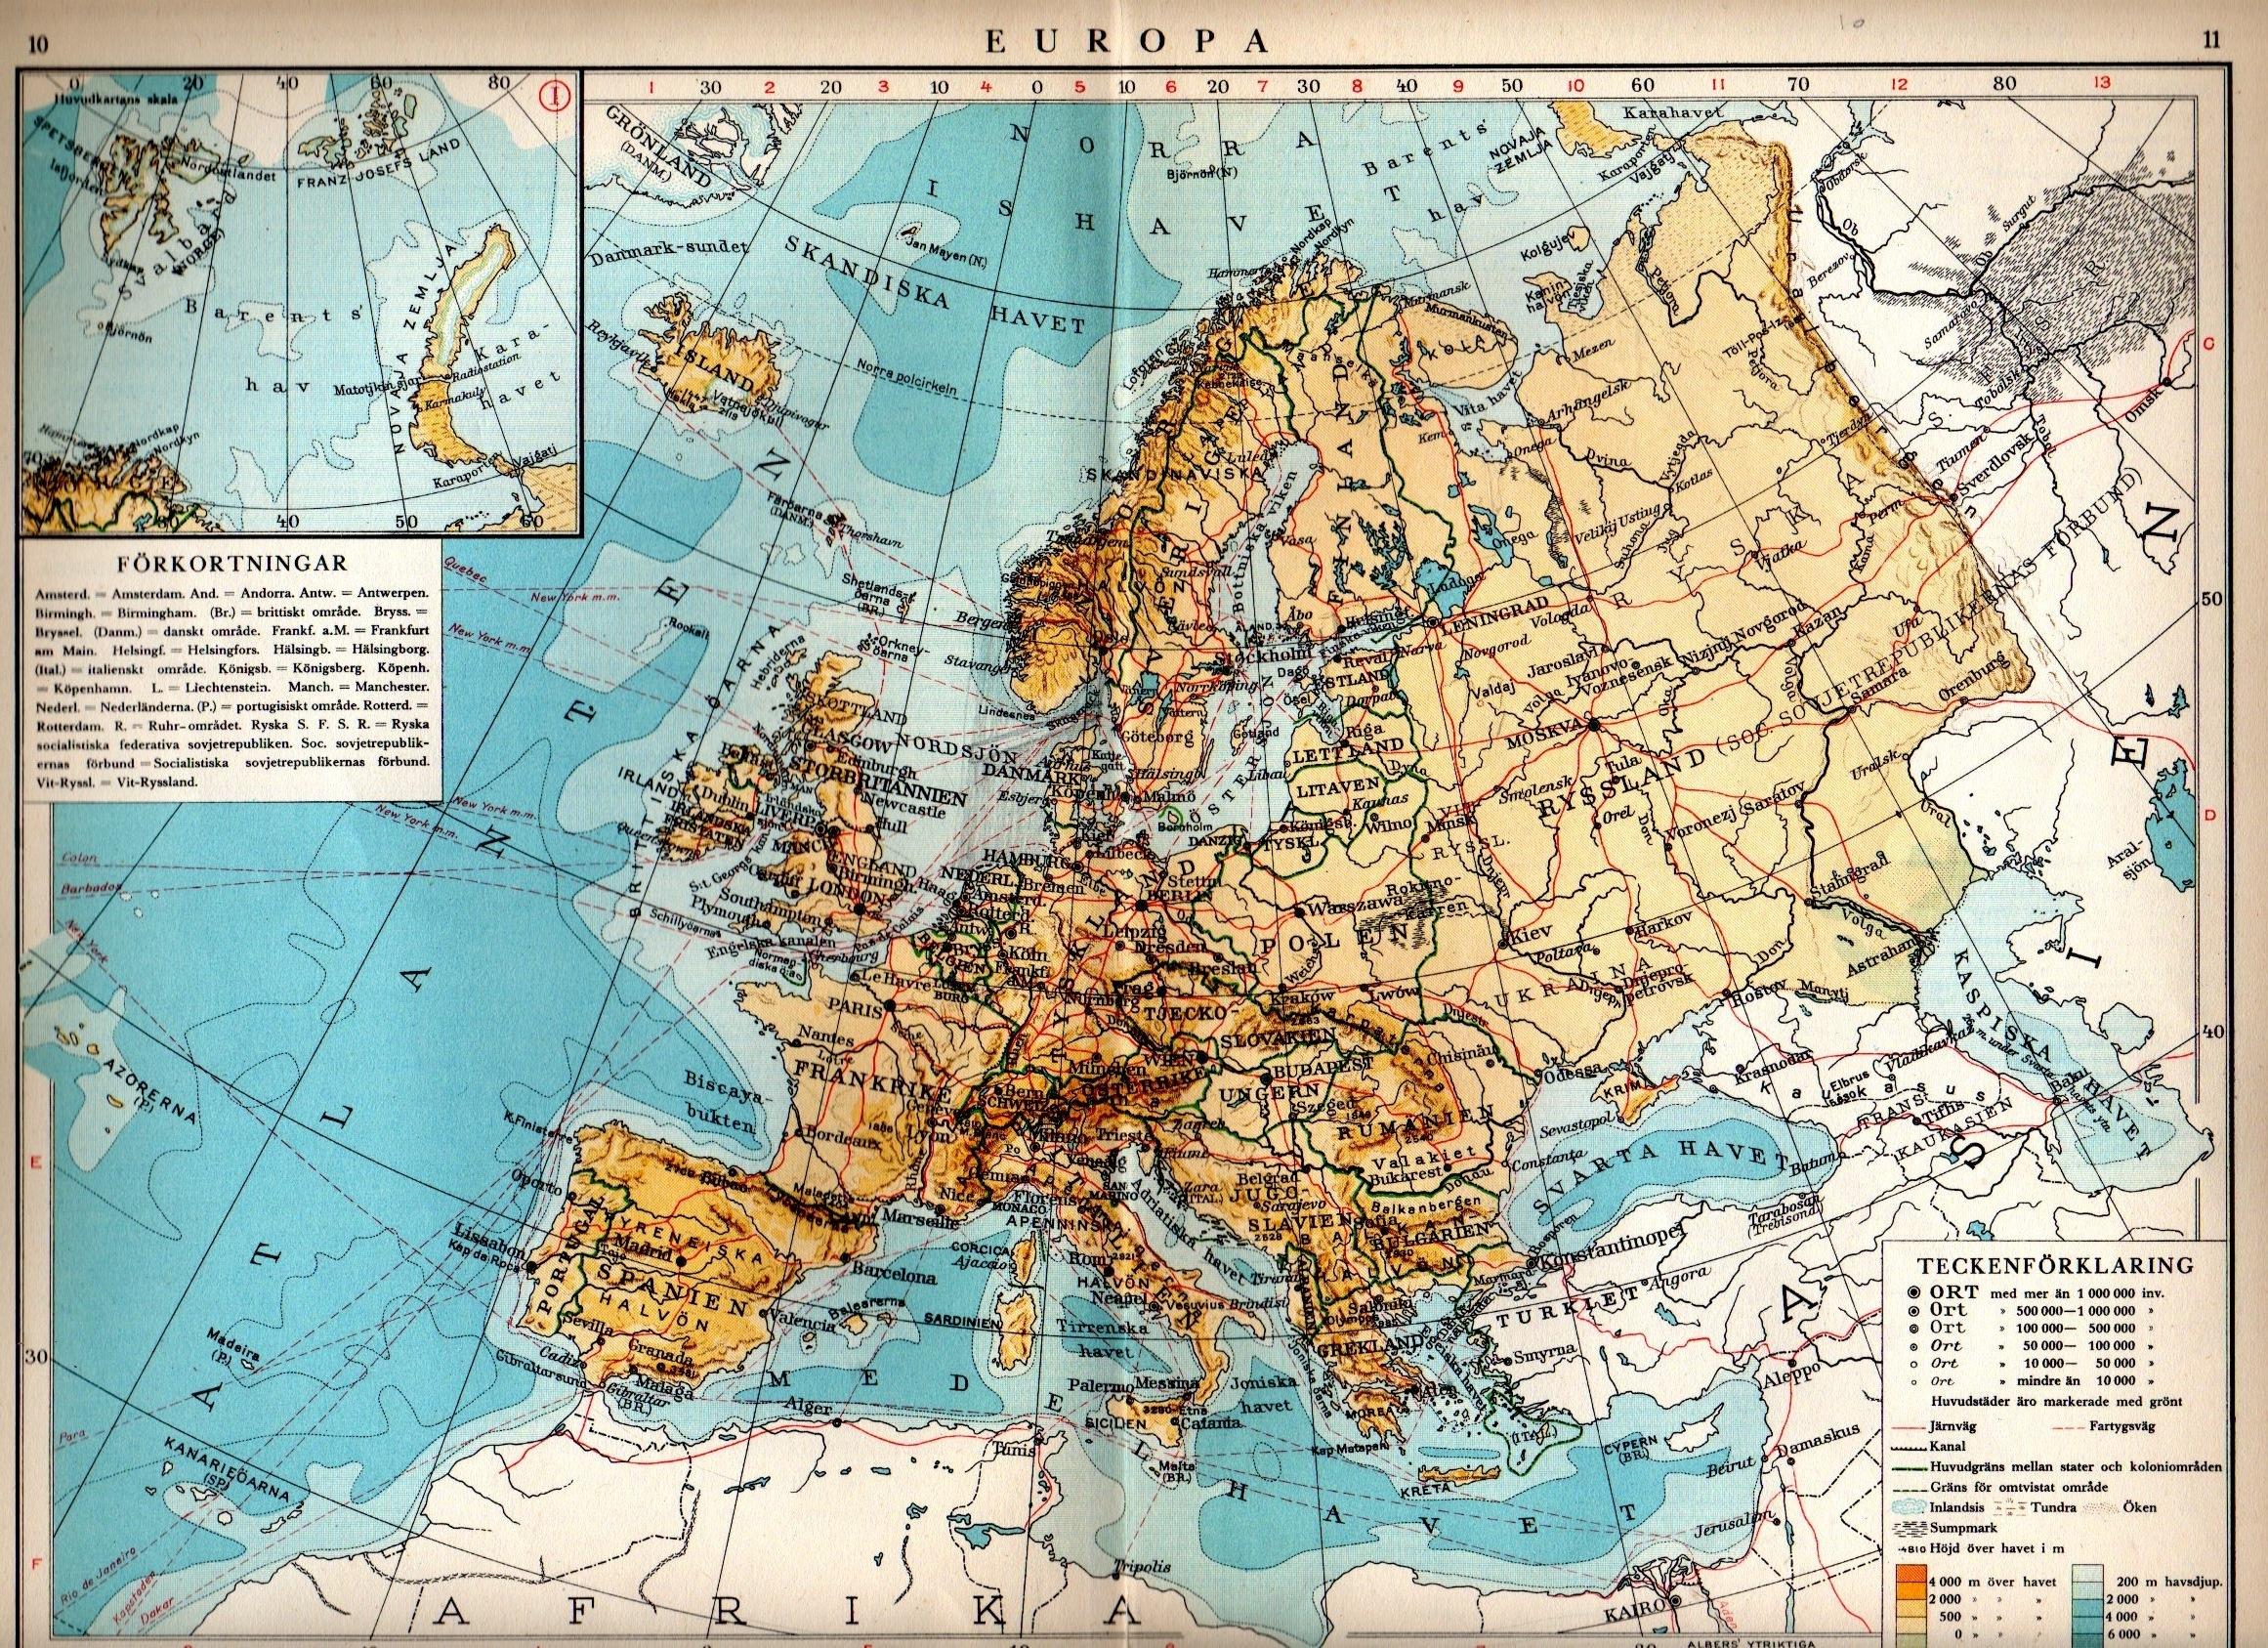 File Europa Map 1930 Svatlas Jpg Wikimedia Commons